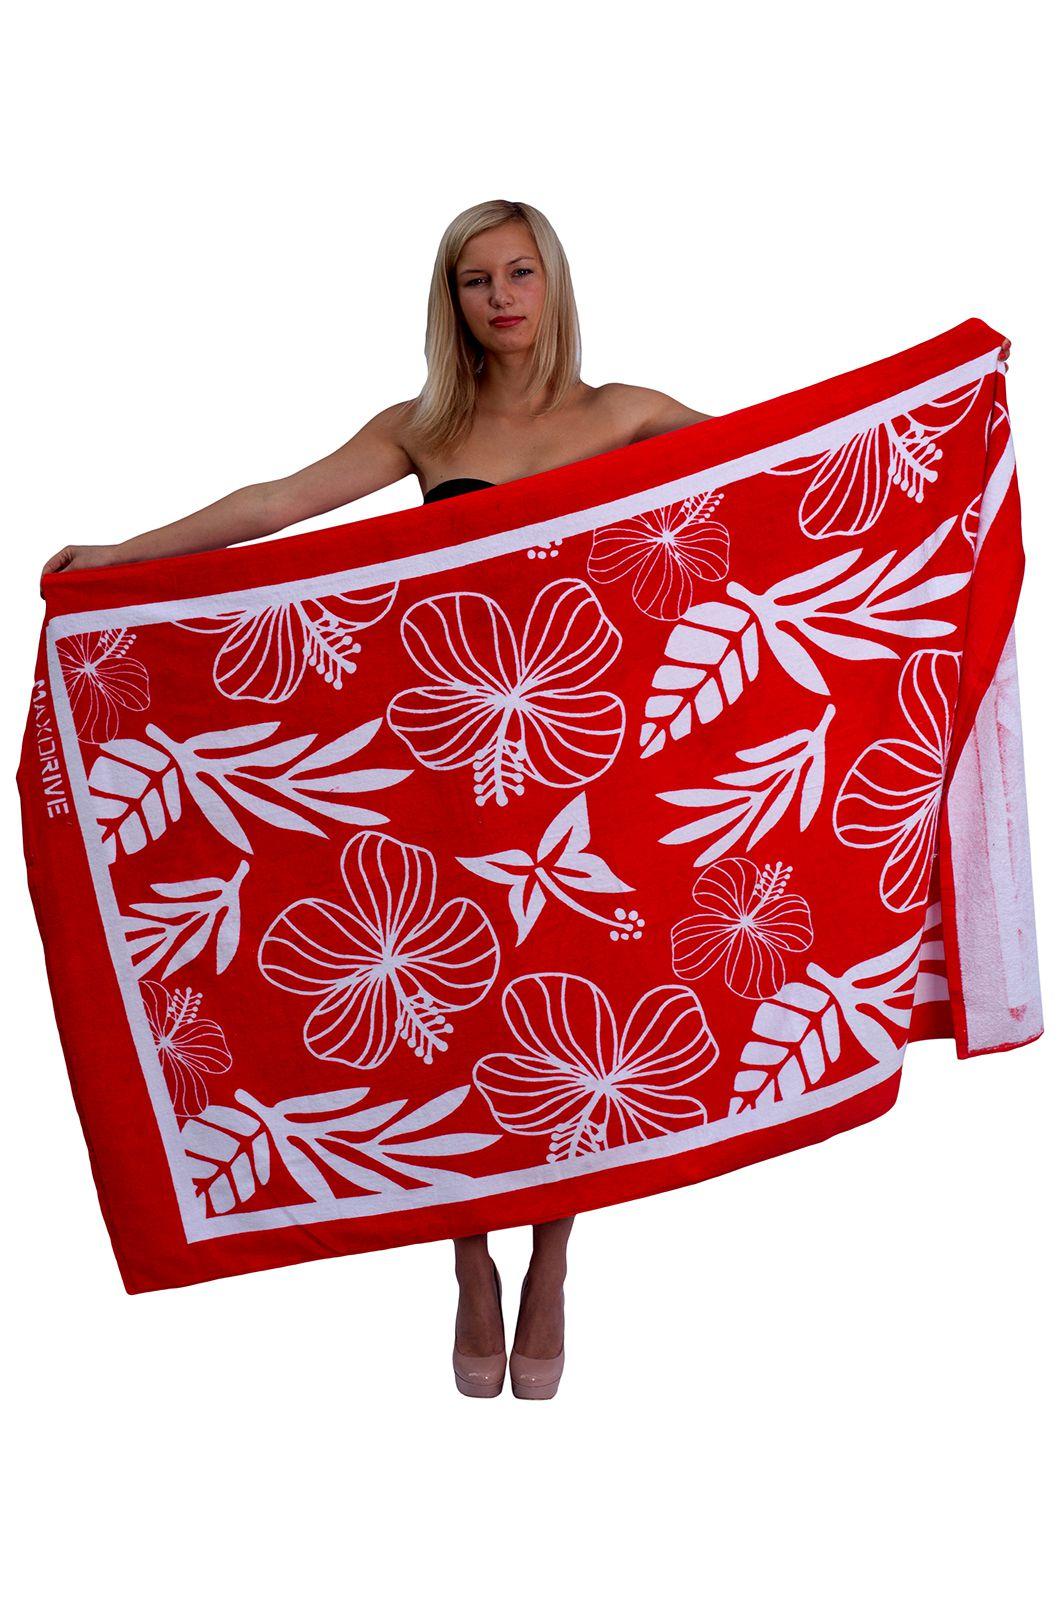 Самые низкие цены на пляжные и банные полотенца